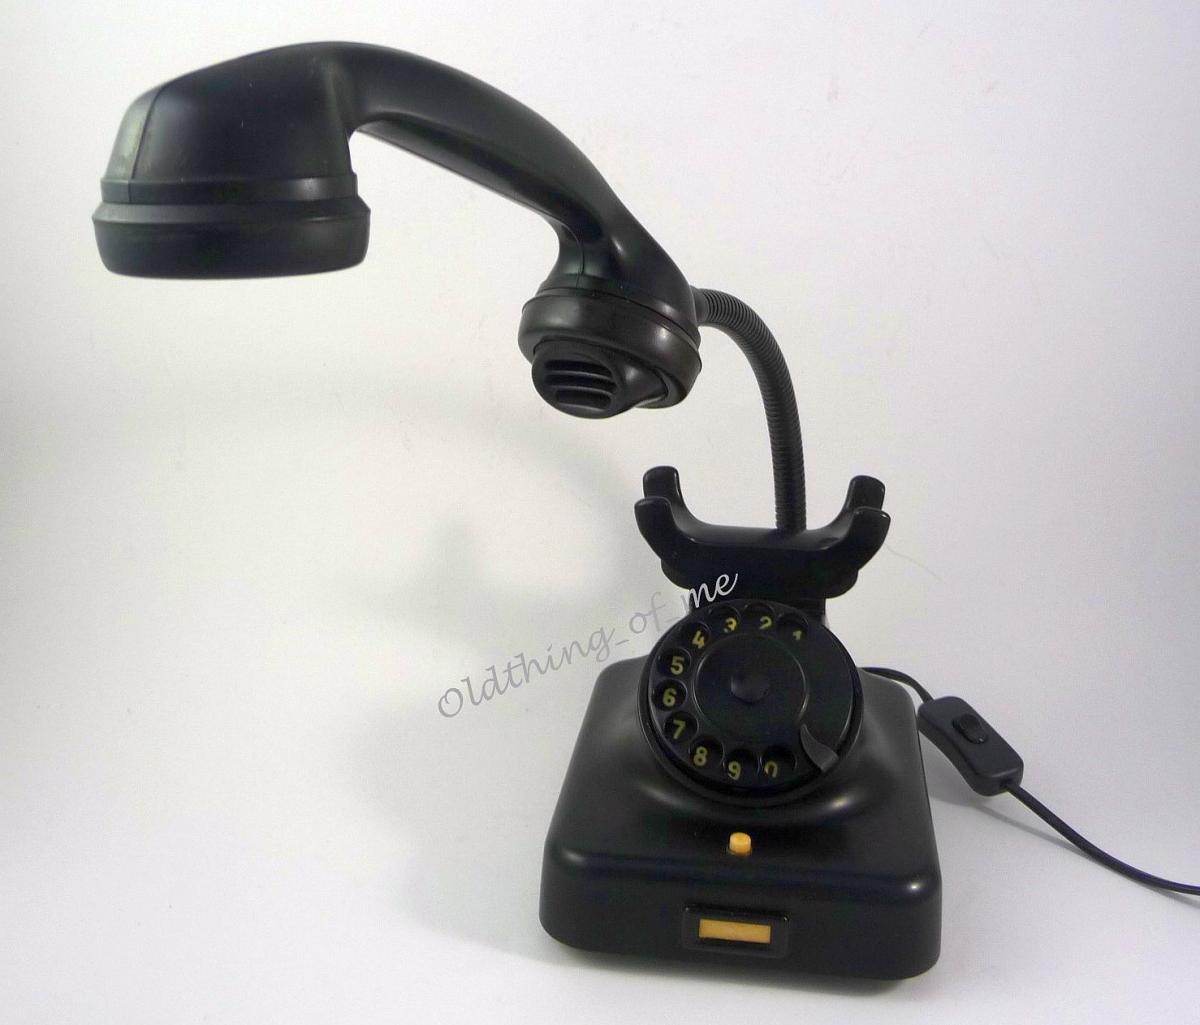 Tischlampe schwarzes Bakalite Telefon mit Schwanenhals LED Technik Telefonlampe 2